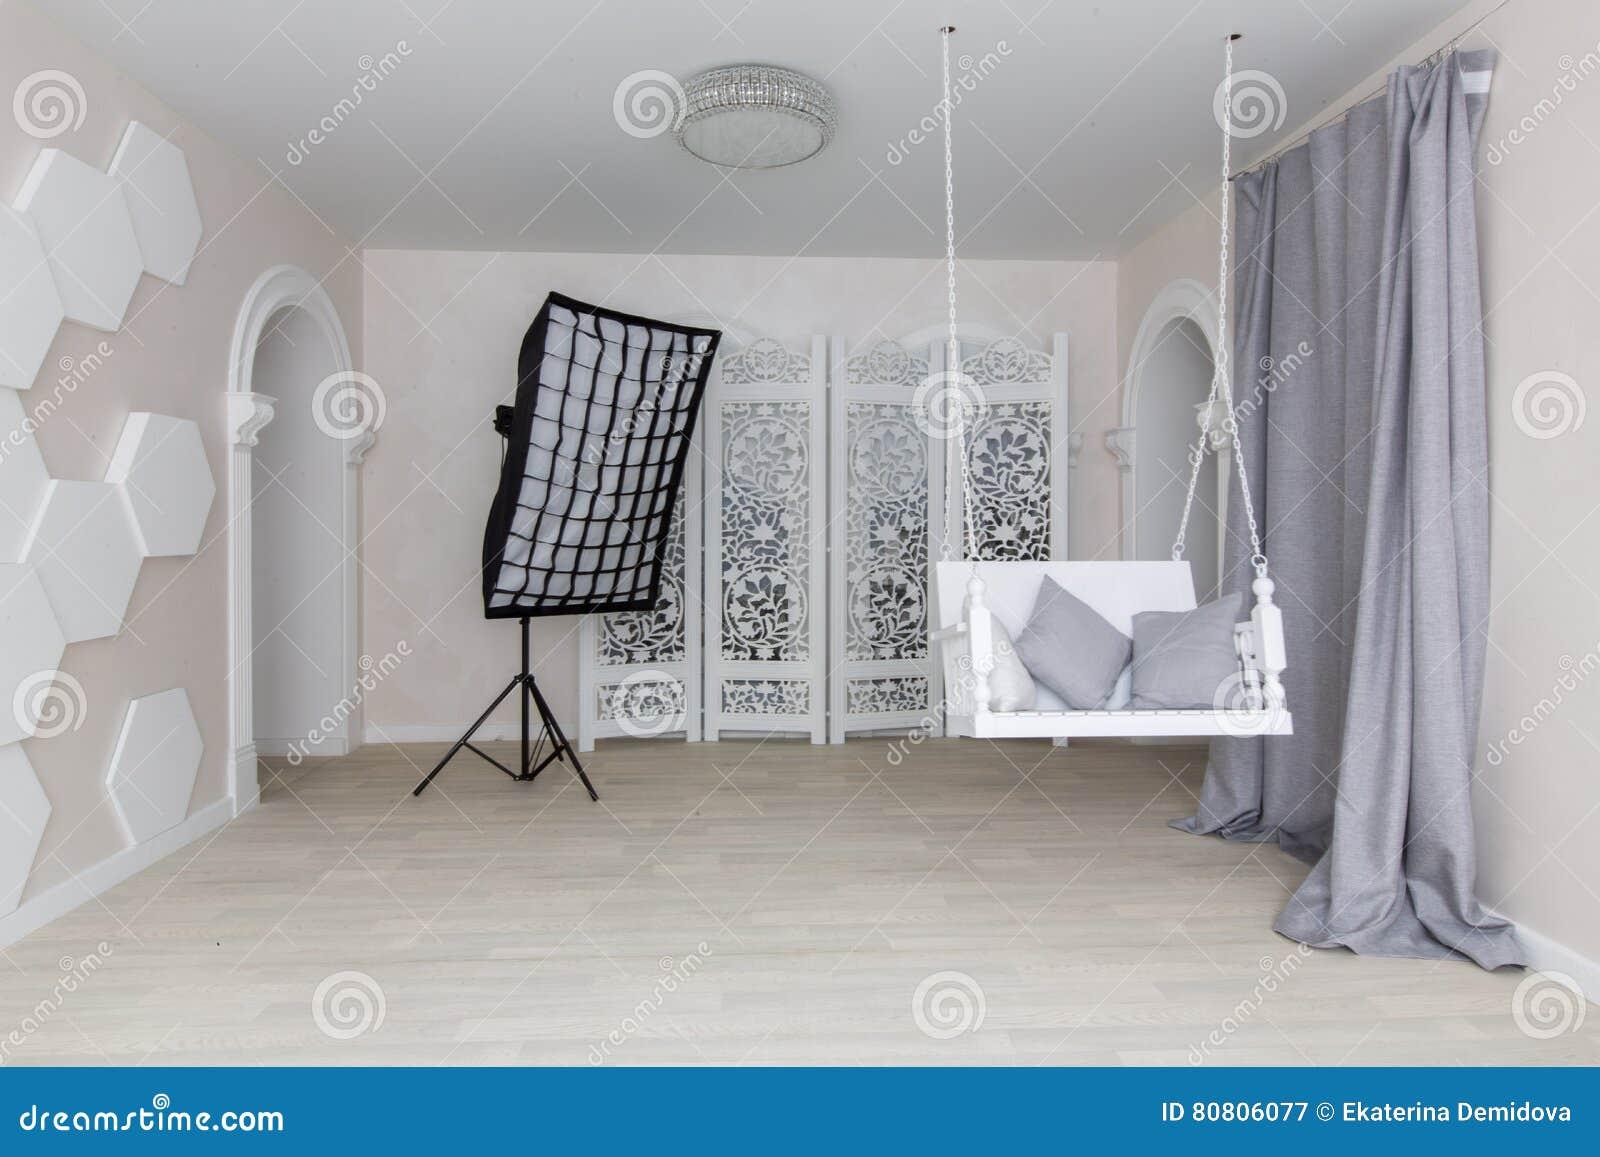 fotostudio met lichte muren grijze gordijnen